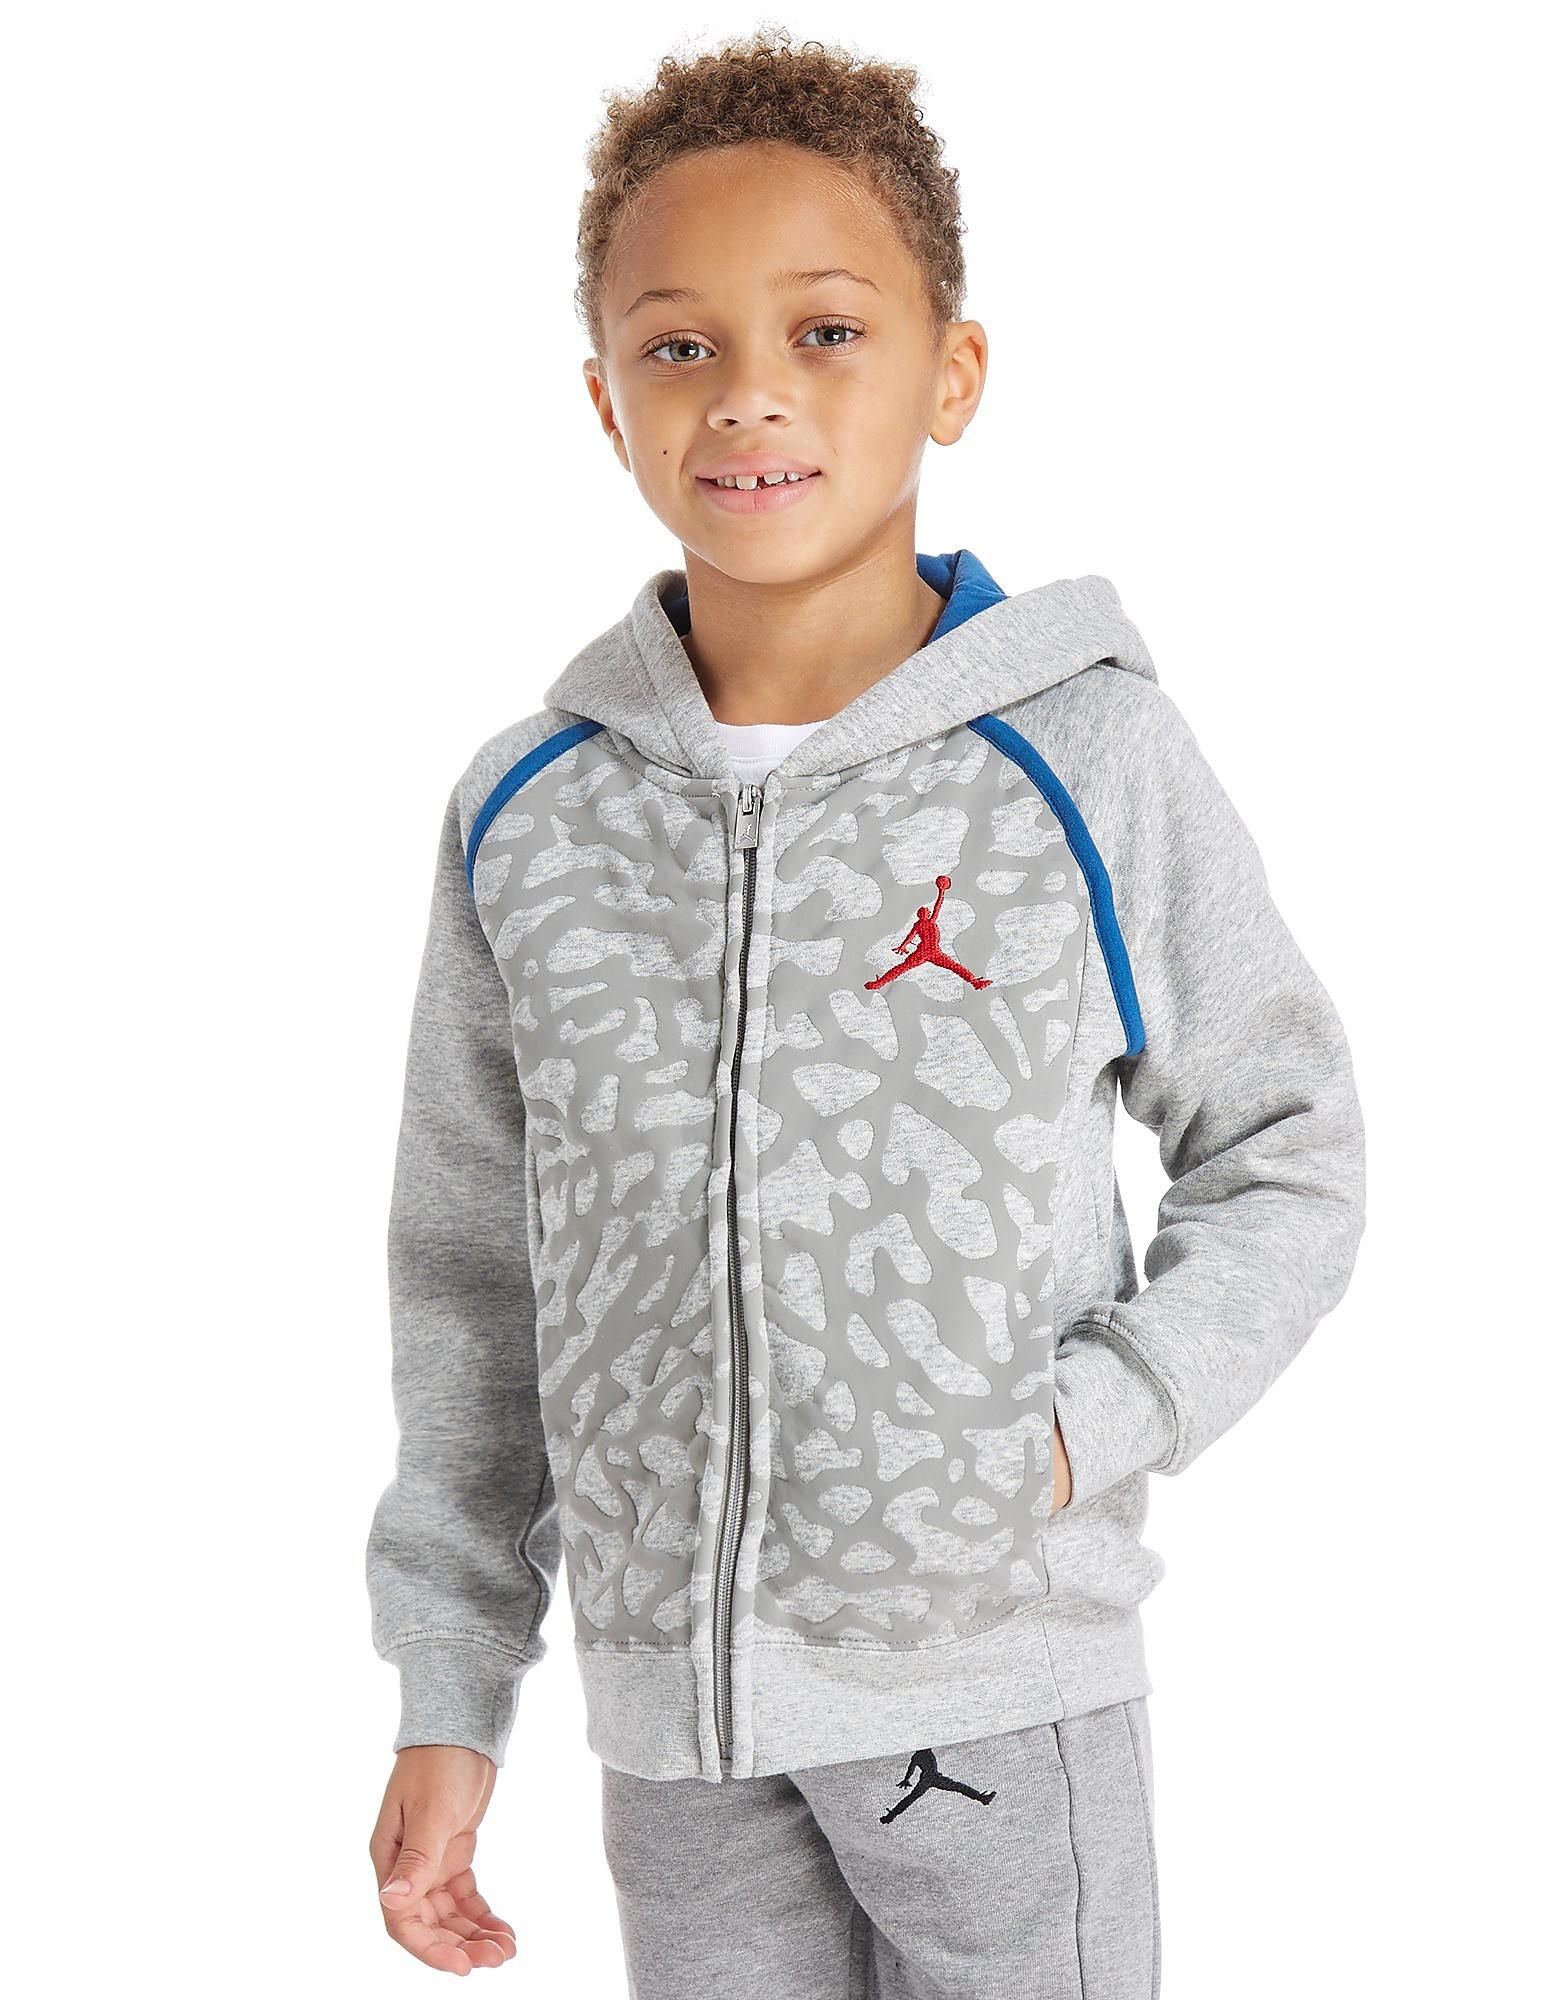 Jordan Air 3 Full Zip Hoody Children